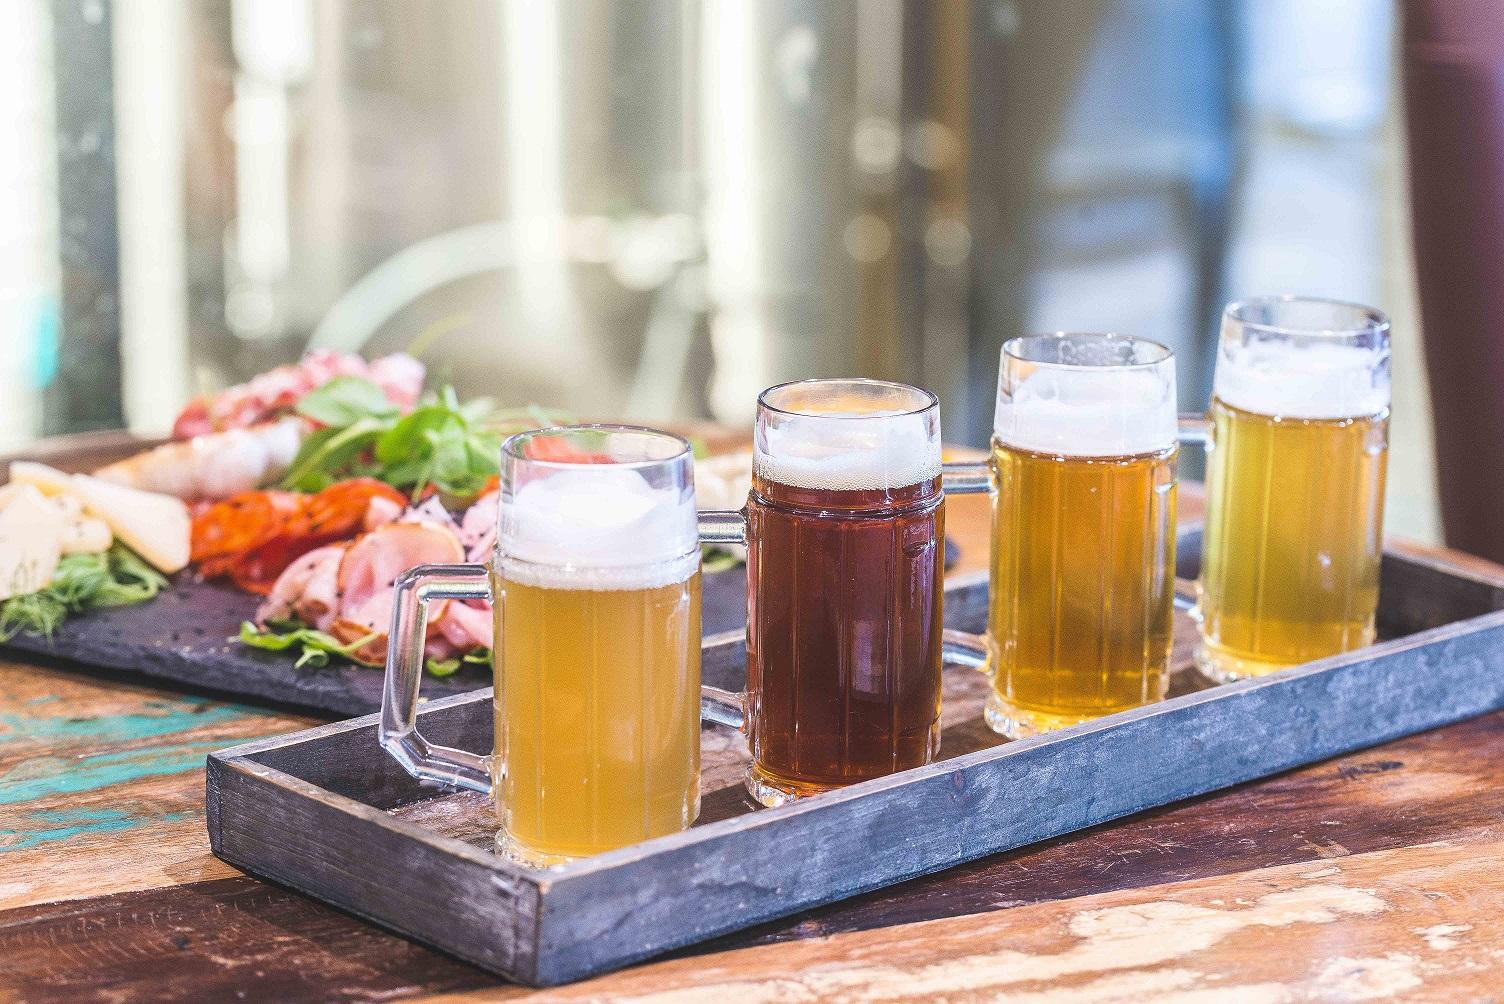 Browar Ren 8 - Kociewie piwem płynące - Browar Kociewski w Starogardzie Gdańskim